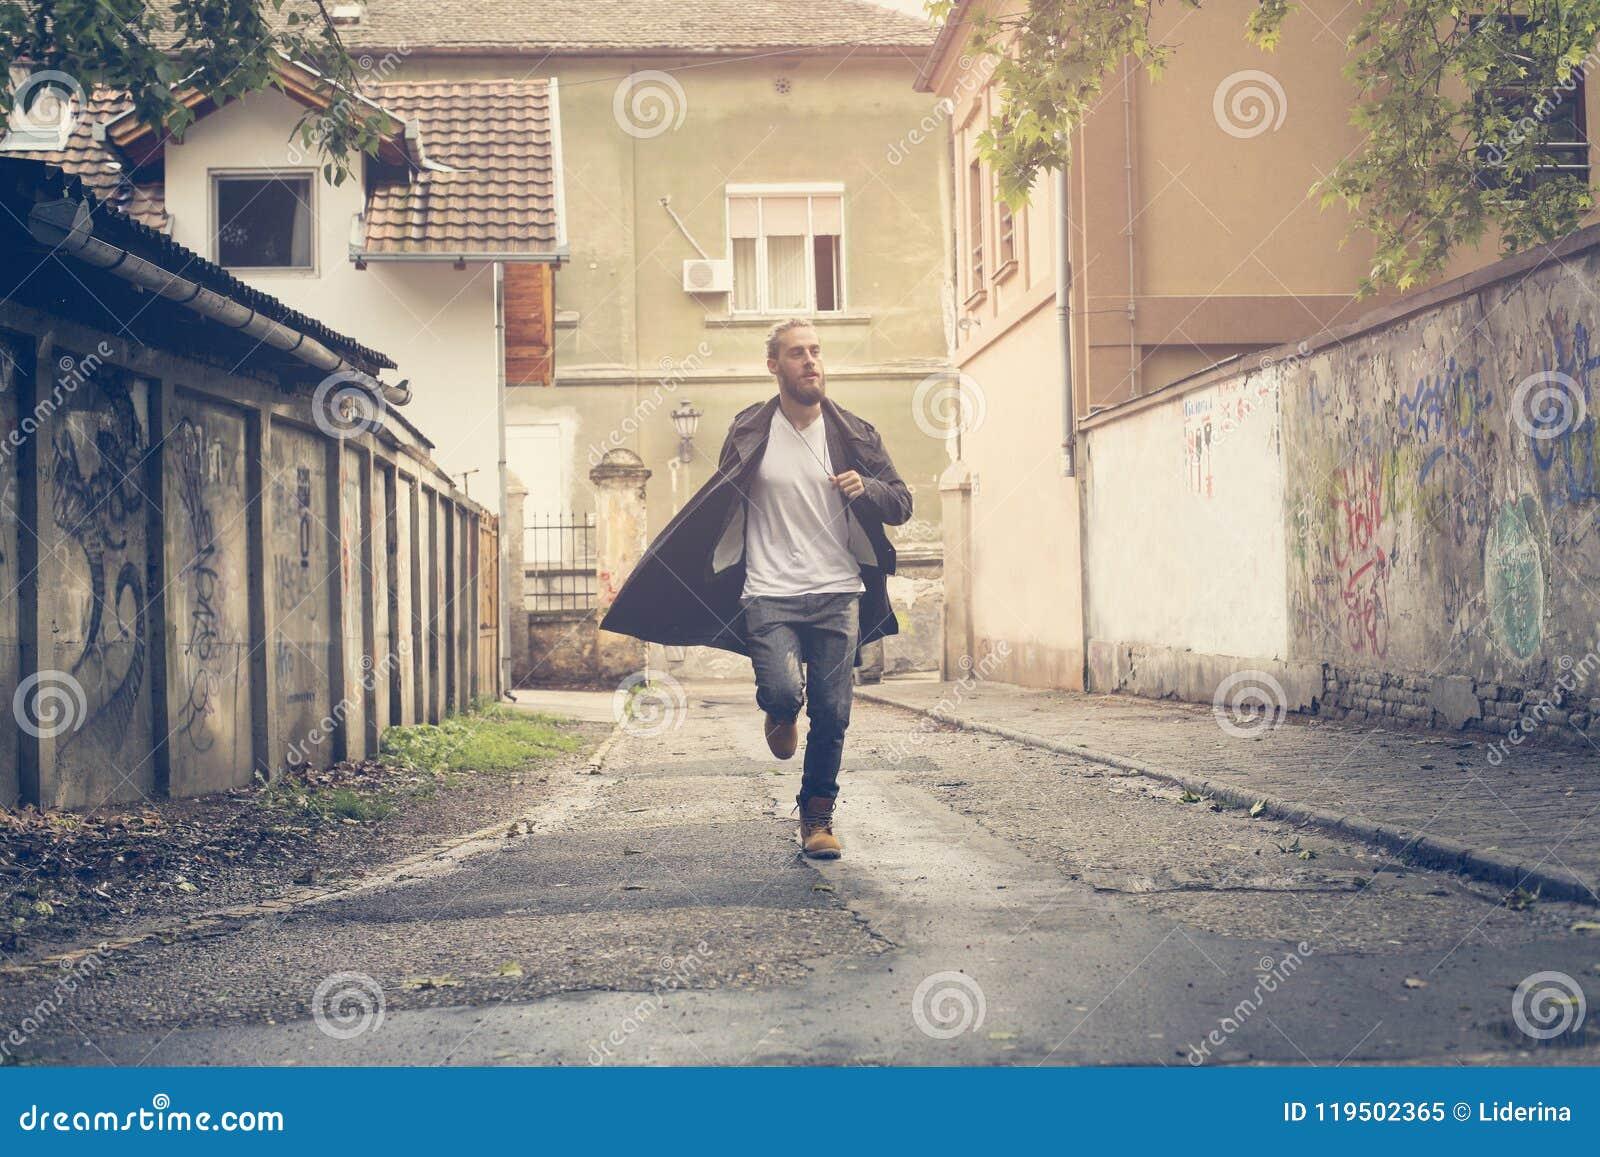 Homme d affaires Running Jeune homme courant dans la rue